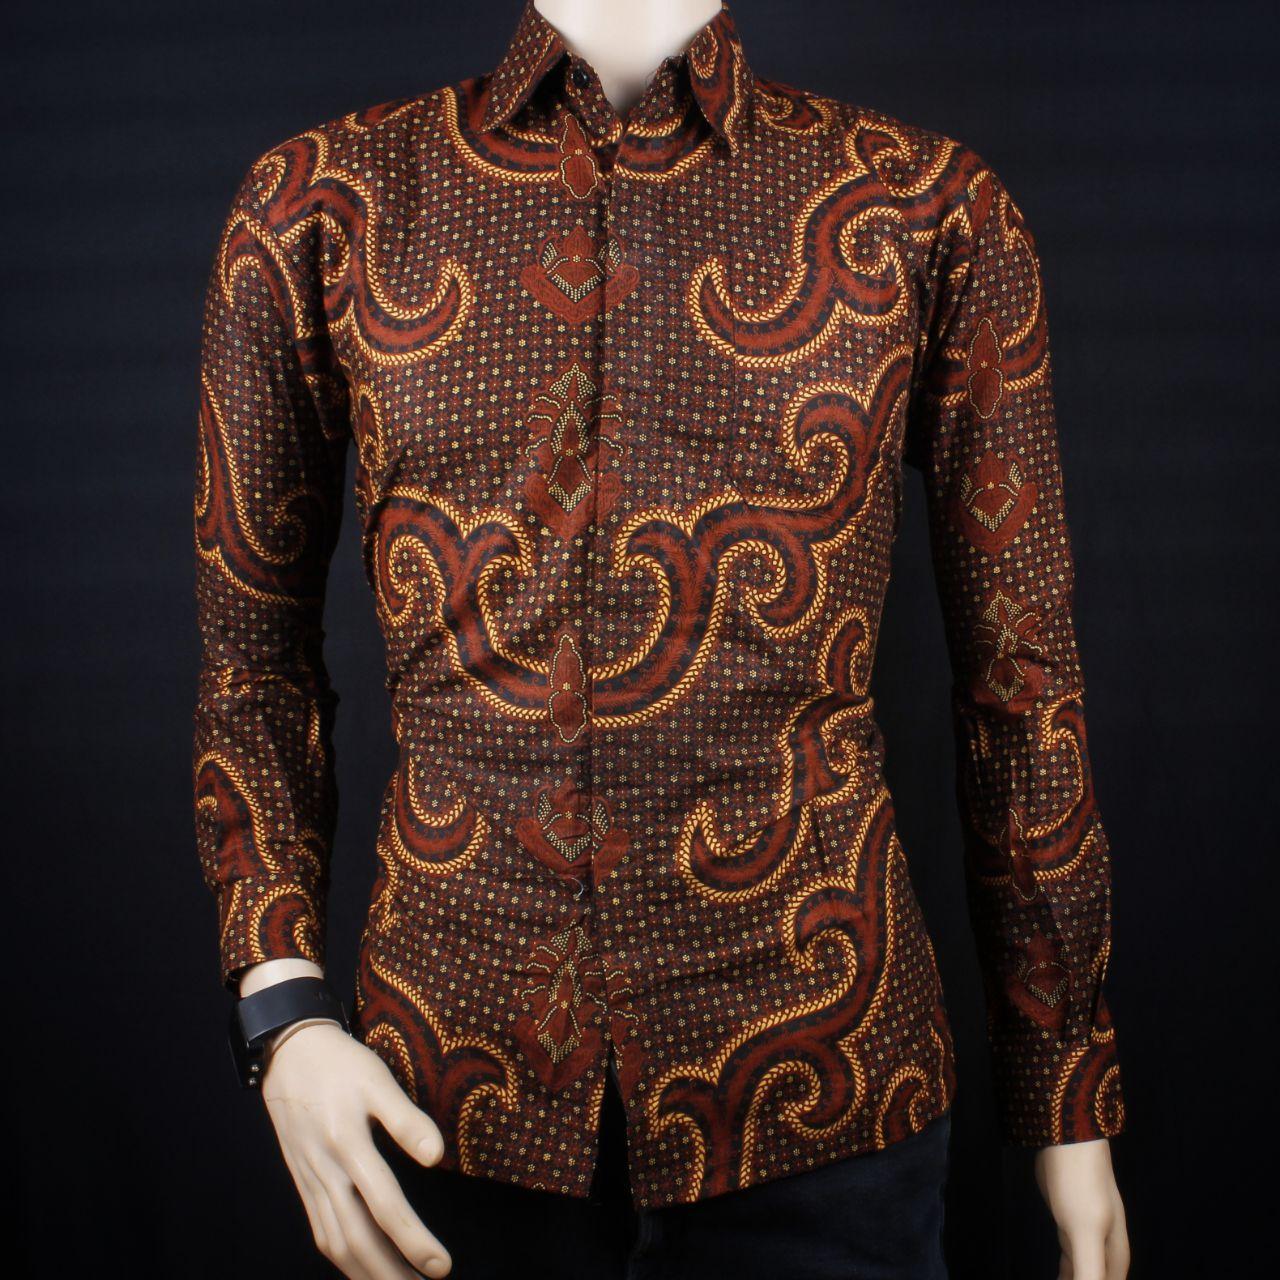 Baju Batik Pria Lengan Panjang / Kemeja Batik Pria Lengan Panjang Casual Modern / Azka Batik